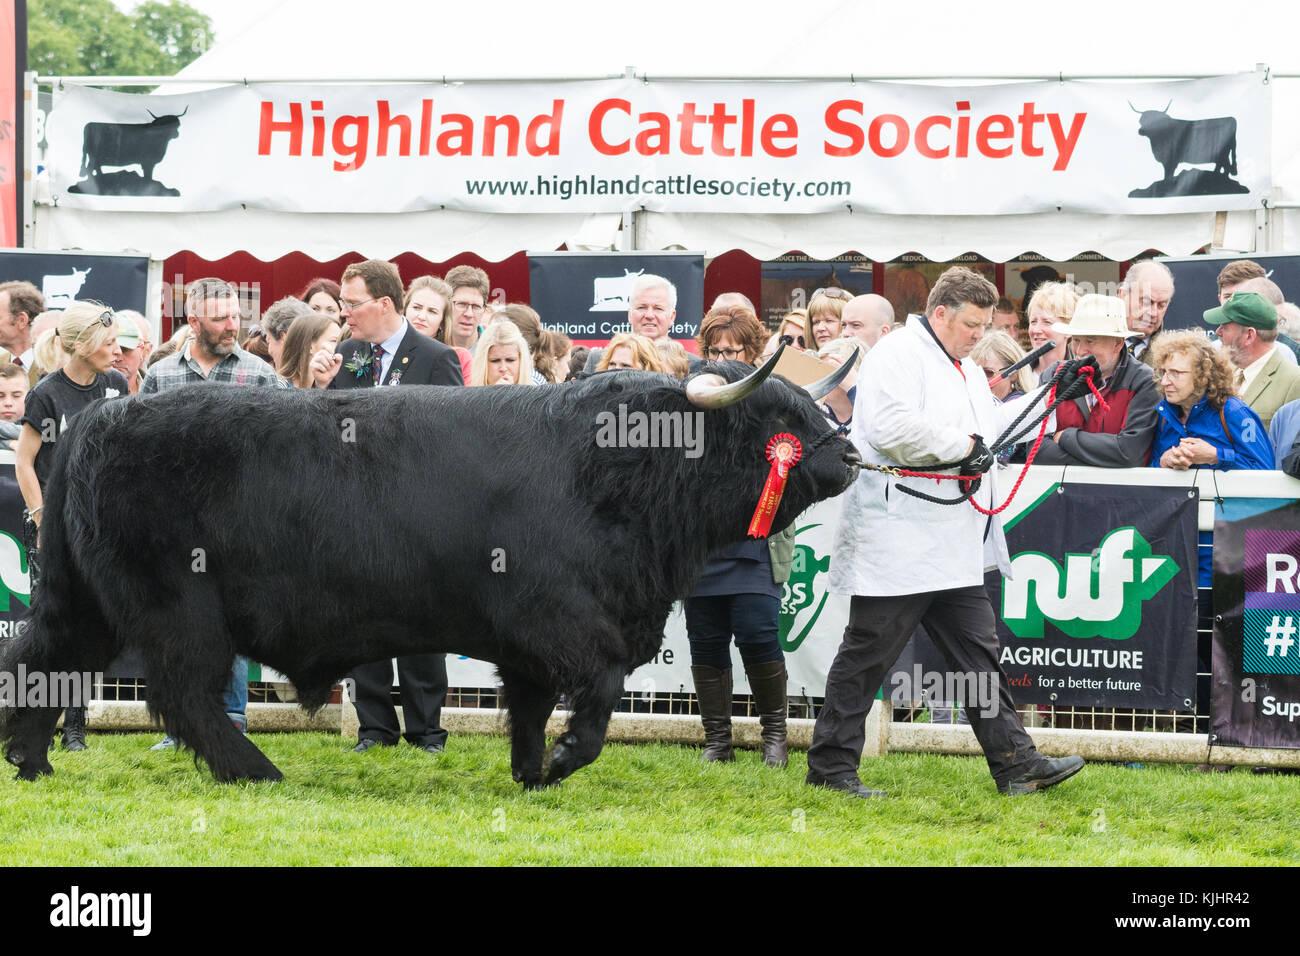 Su Majestad la reina Dubh de Craigowmill Prionnsa, un toro negro de seis años ganando el campeonato masculino Imagen De Stock